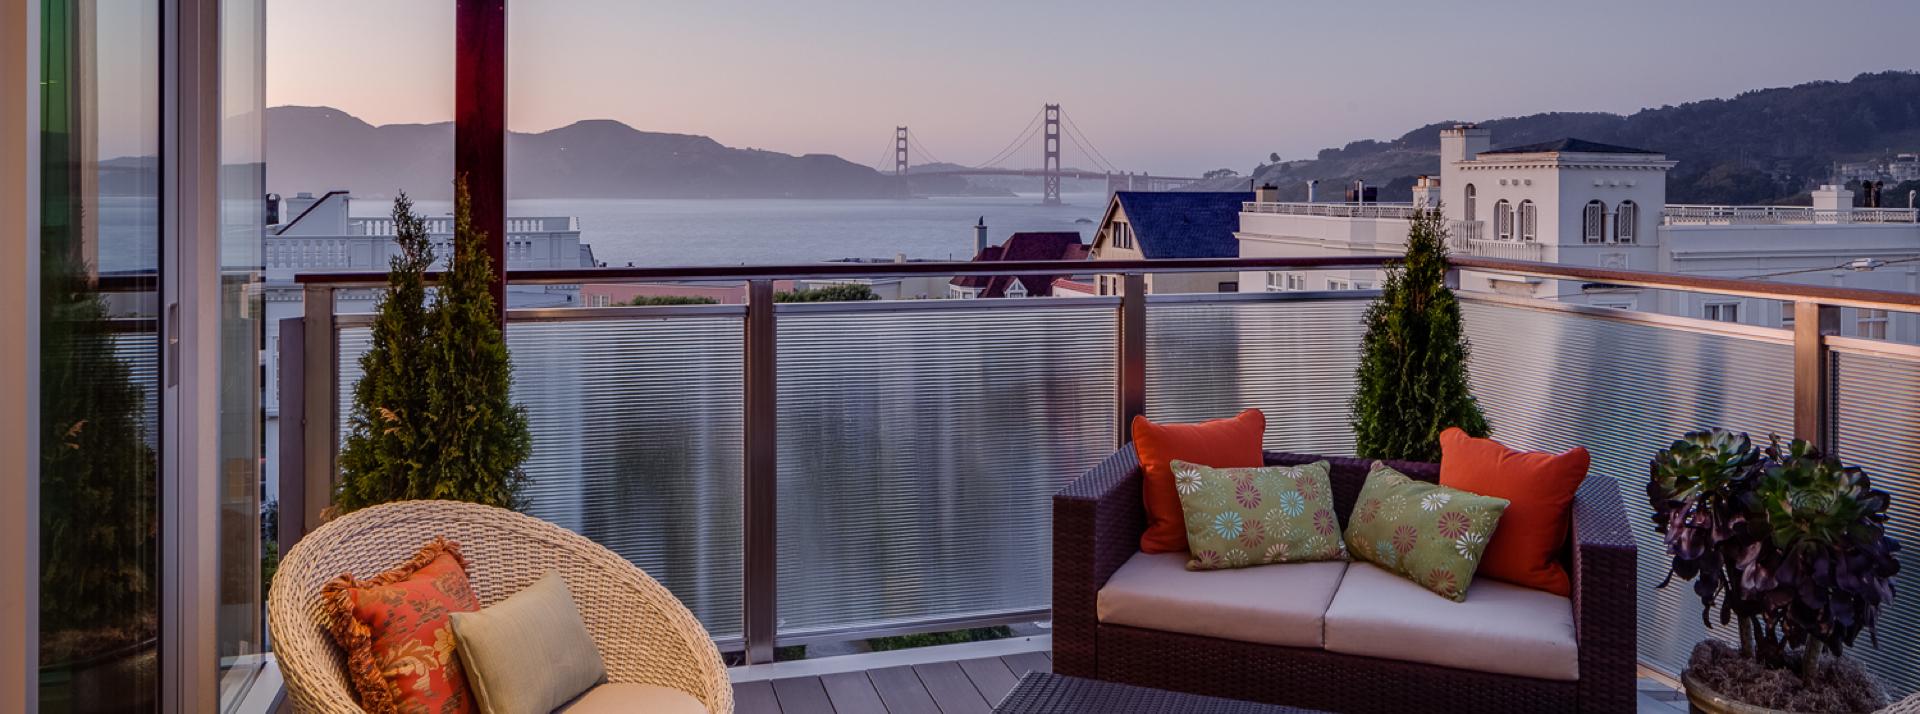 Marcus Lee SF Real Estate Agent San Francisco Bay Area Condos 01